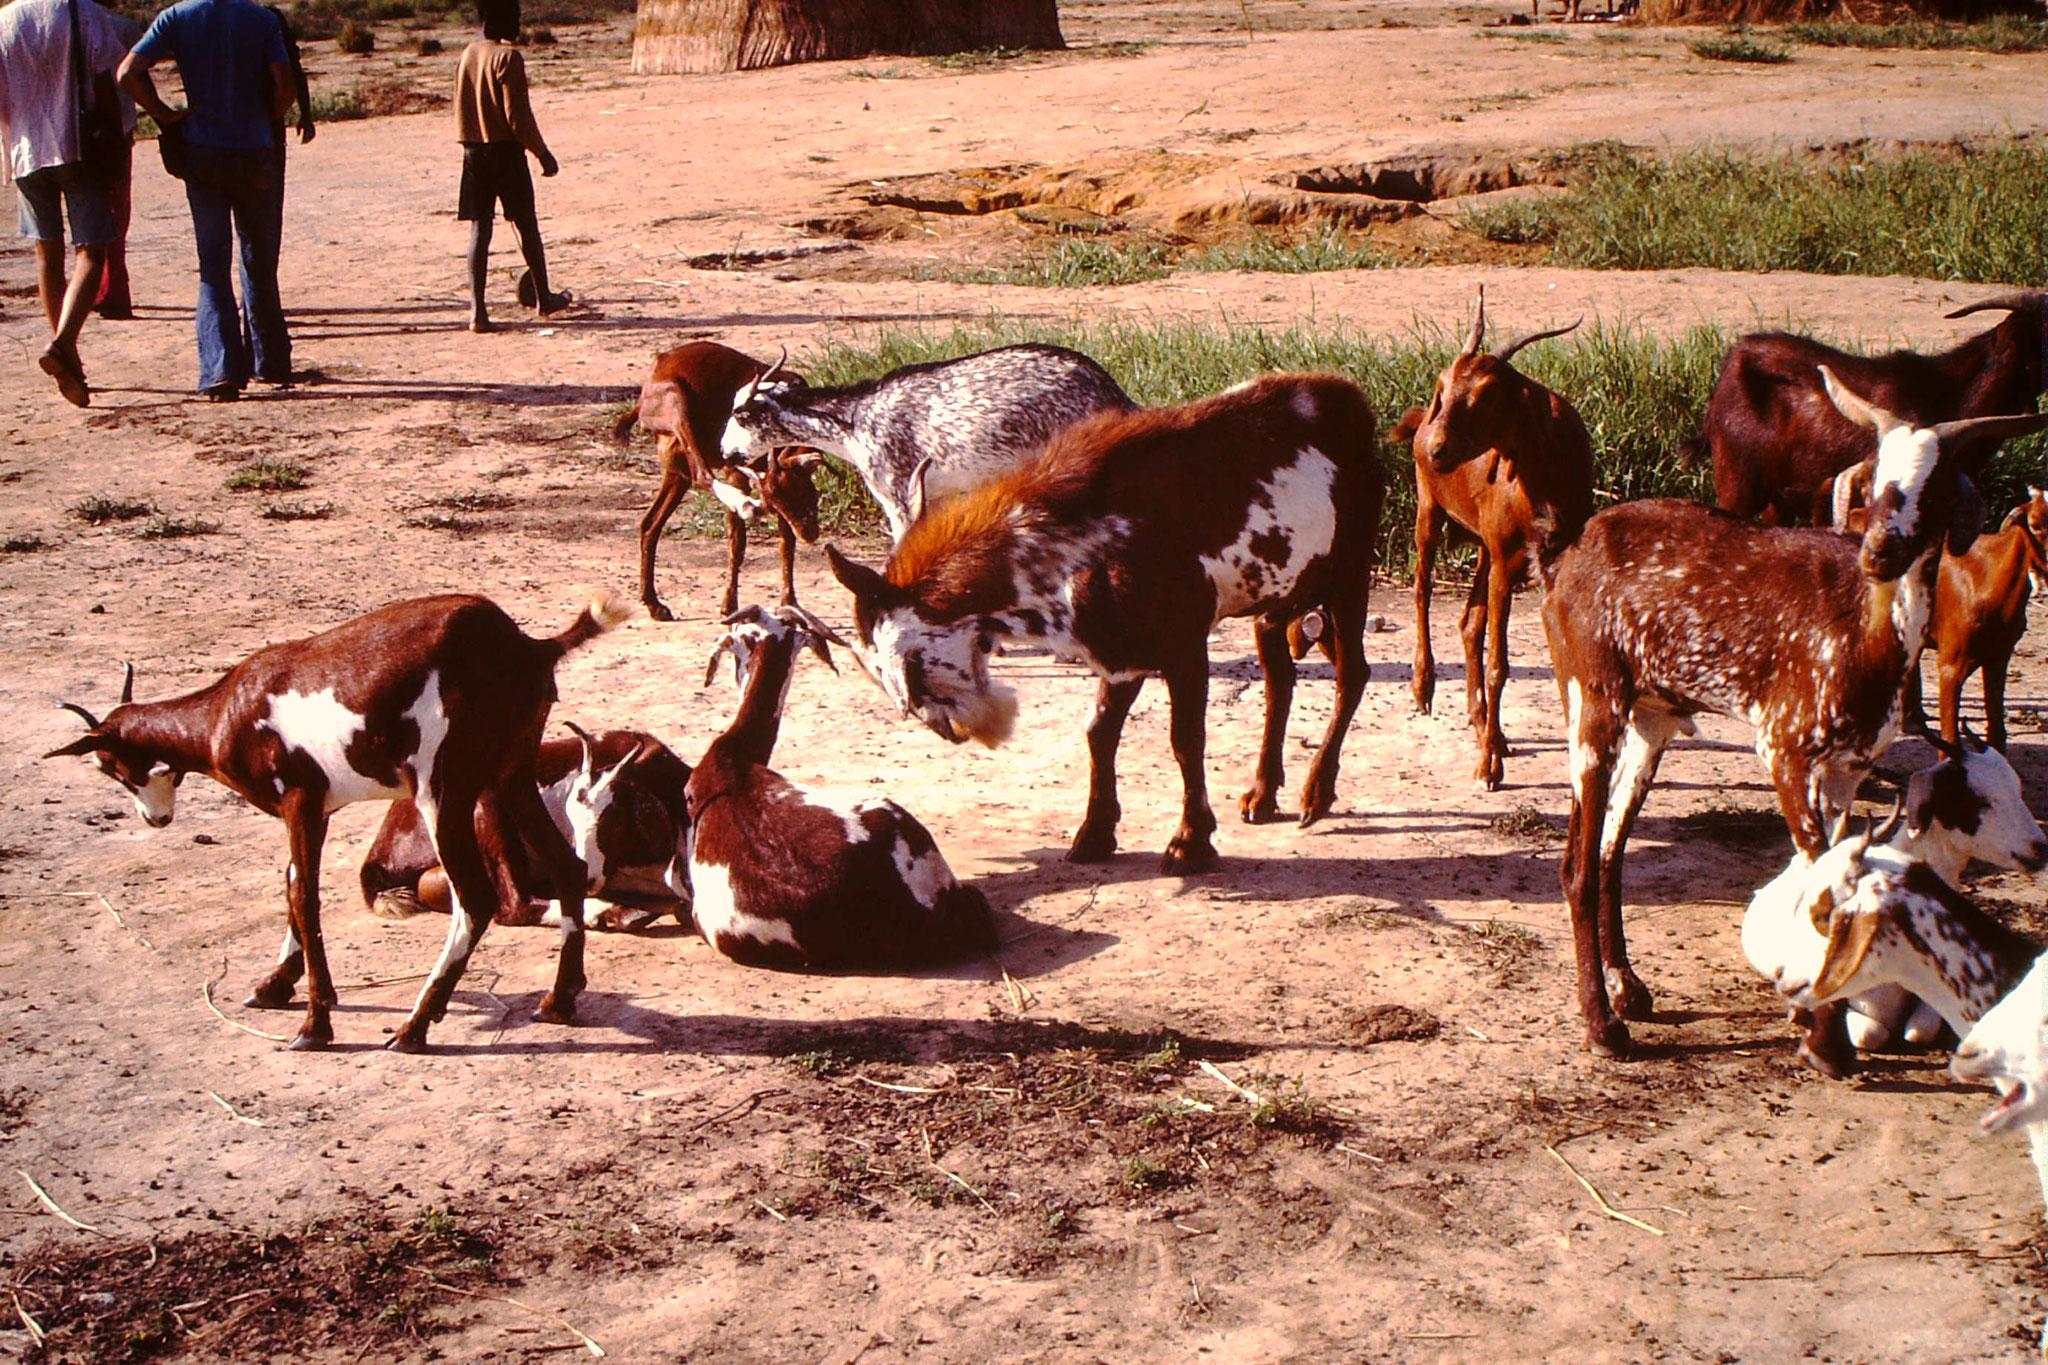 In der ganzen Sahelzone gibt es sehr viele Ziegen. Menschen die viele Ziegen haben, gelten als Reich. Da die Ziegen das Gras aber mitsammt den Wurzeln fressen, tragen sie auch dazu bei, dass die Erde noch mehr austrocknet.